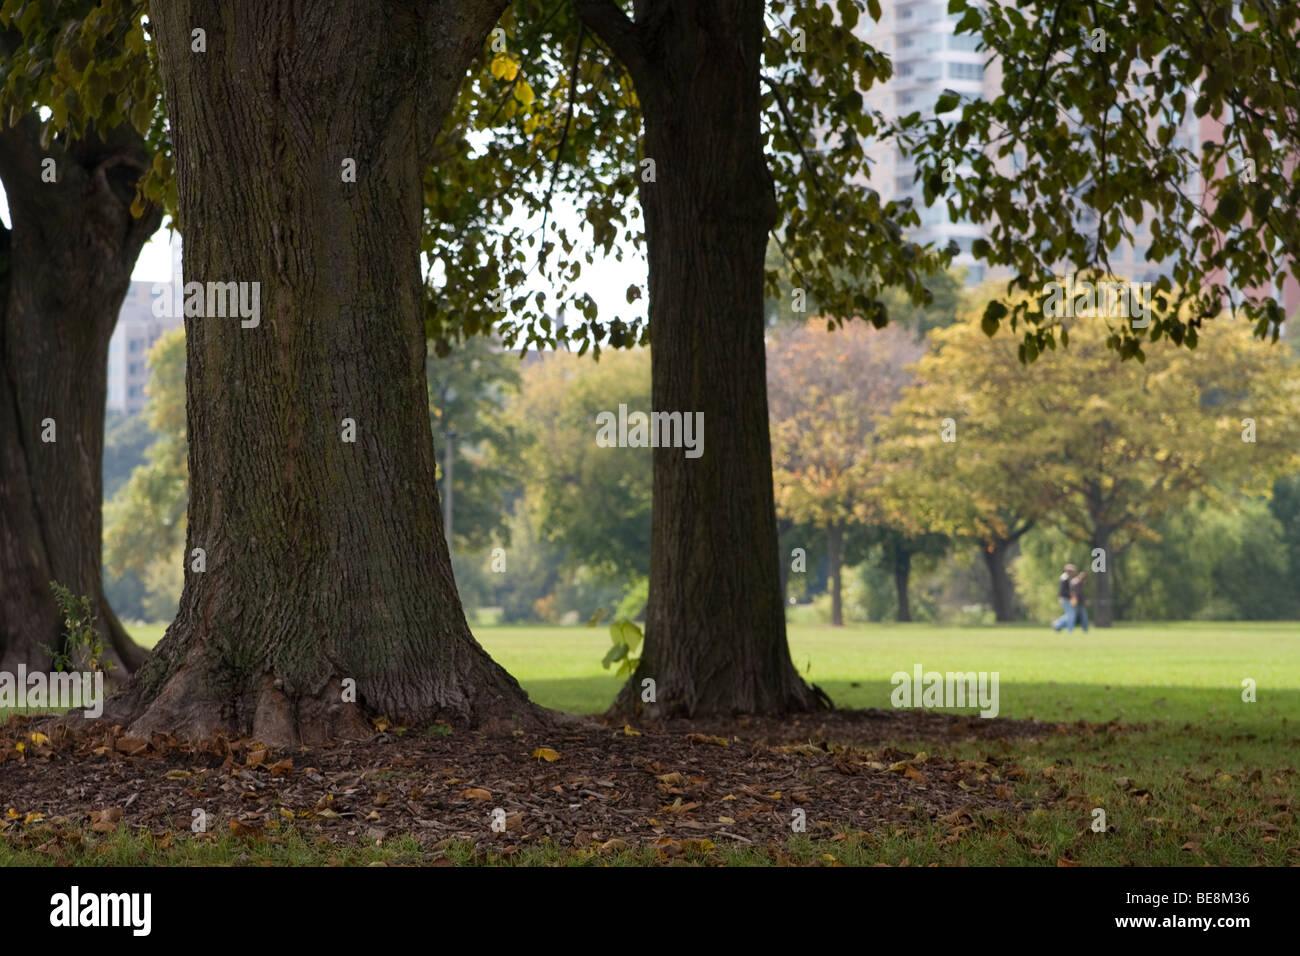 Los rboles dan sombra en una agradable tarde de otoo en un parque